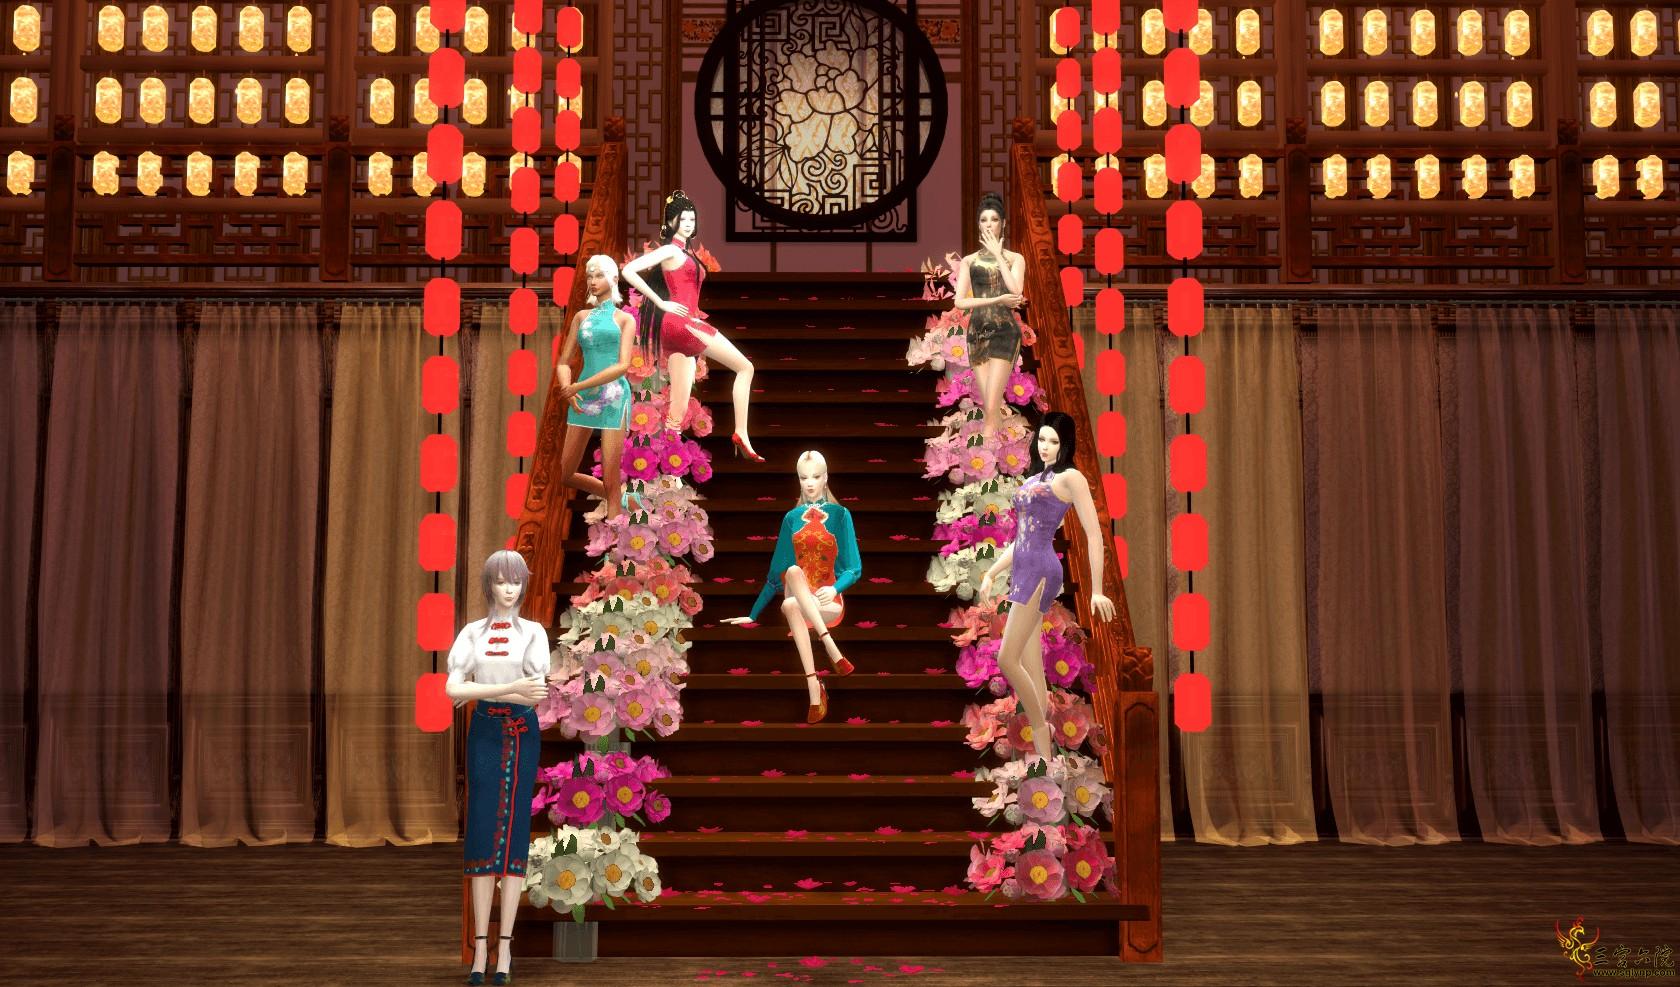 Sims 4 Screenshot 2020.06.21 - 01.12.14.23.png